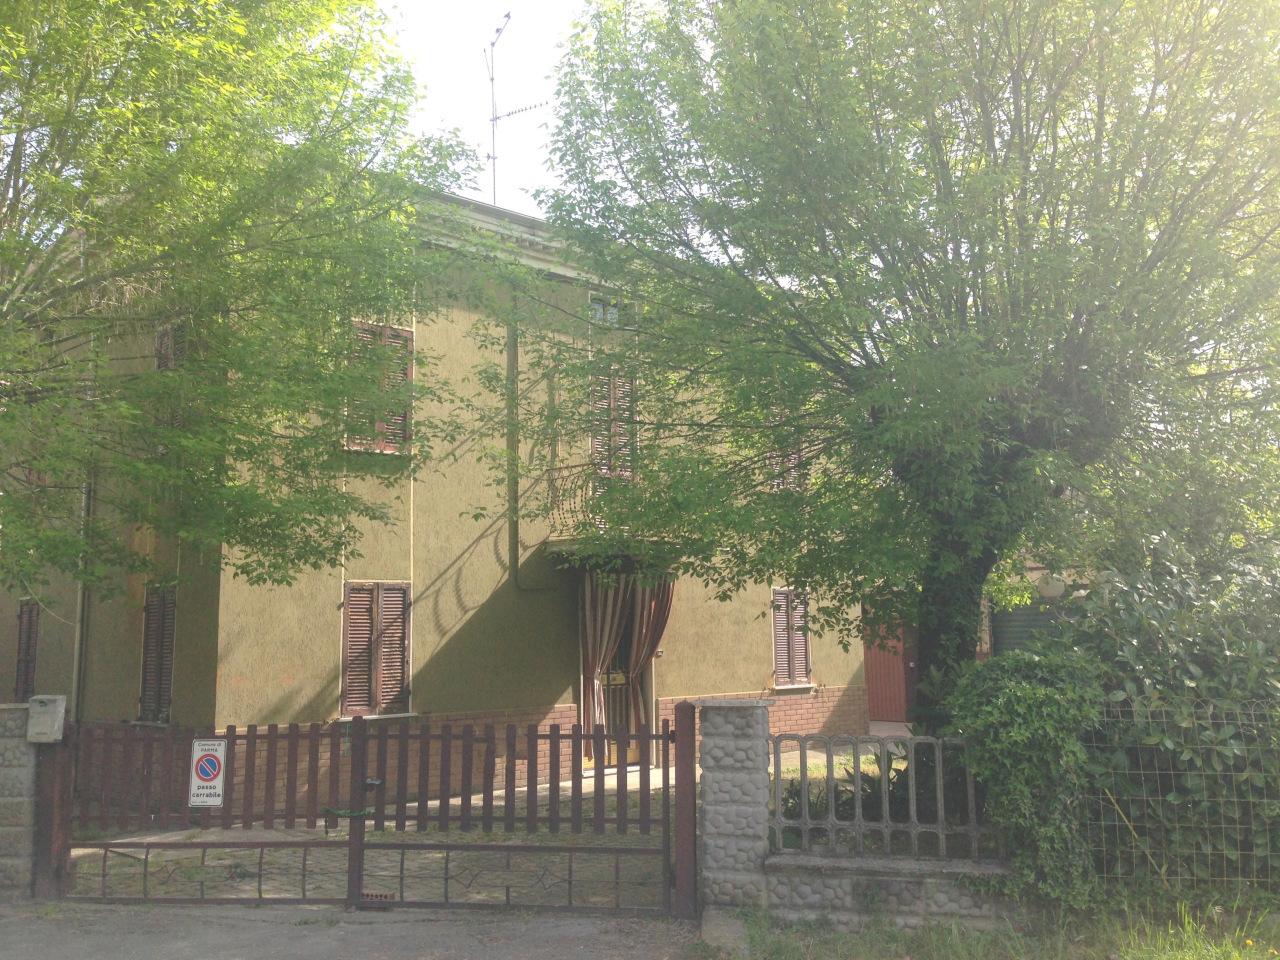 Soluzione Indipendente in vendita a Parma, 5 locali, prezzo € 220.000 | CambioCasa.it